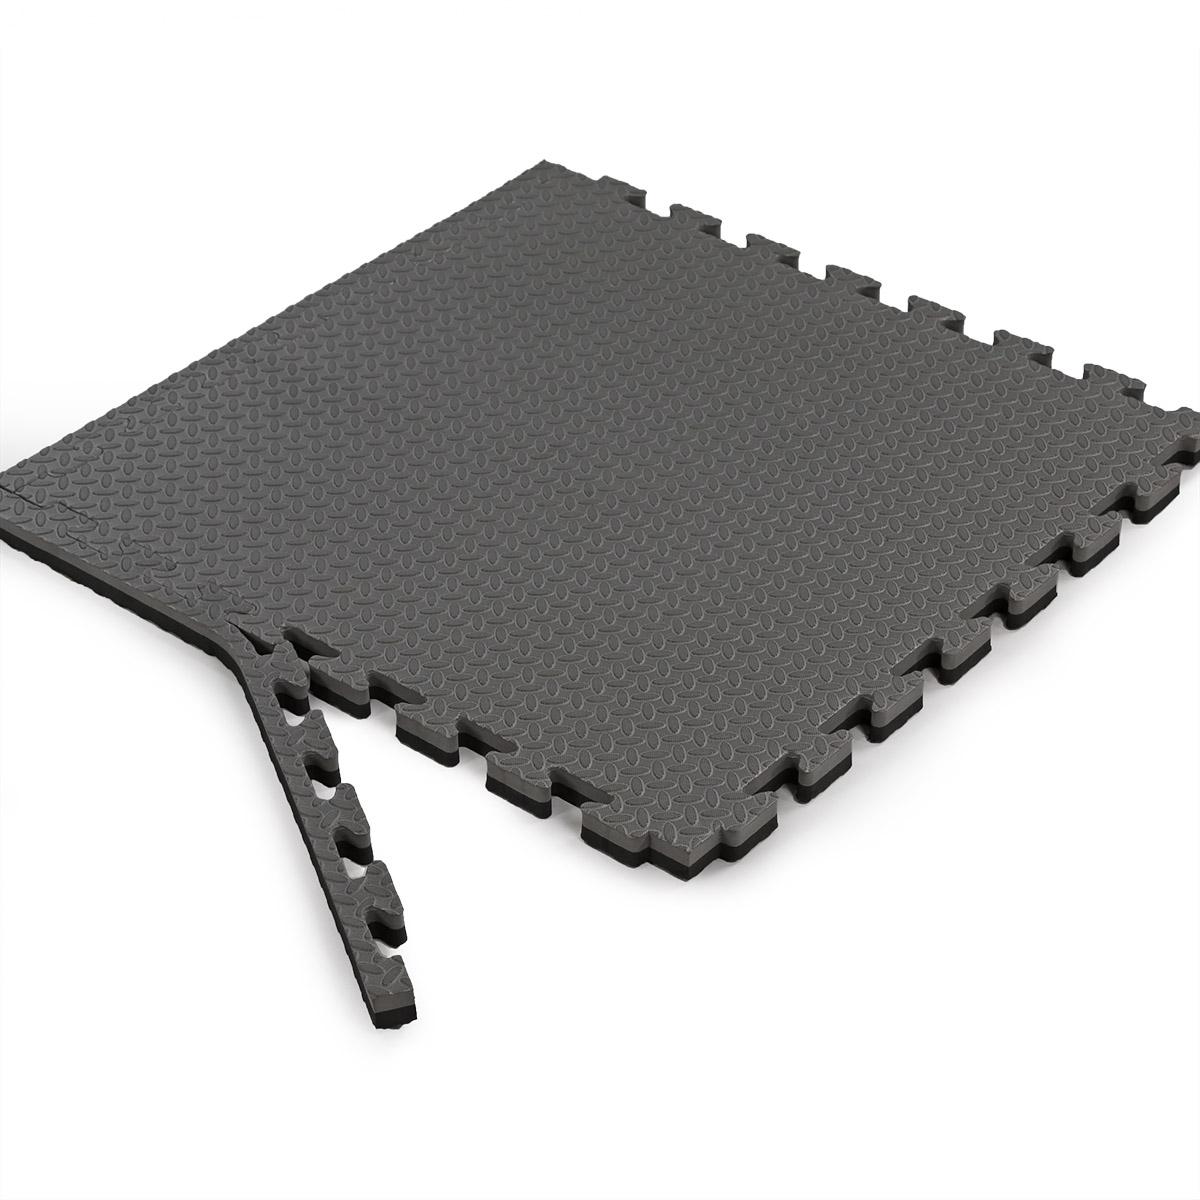 Mat 48 sq ft. 12 pieces No Tax Norsk Reversible Foam Flooring